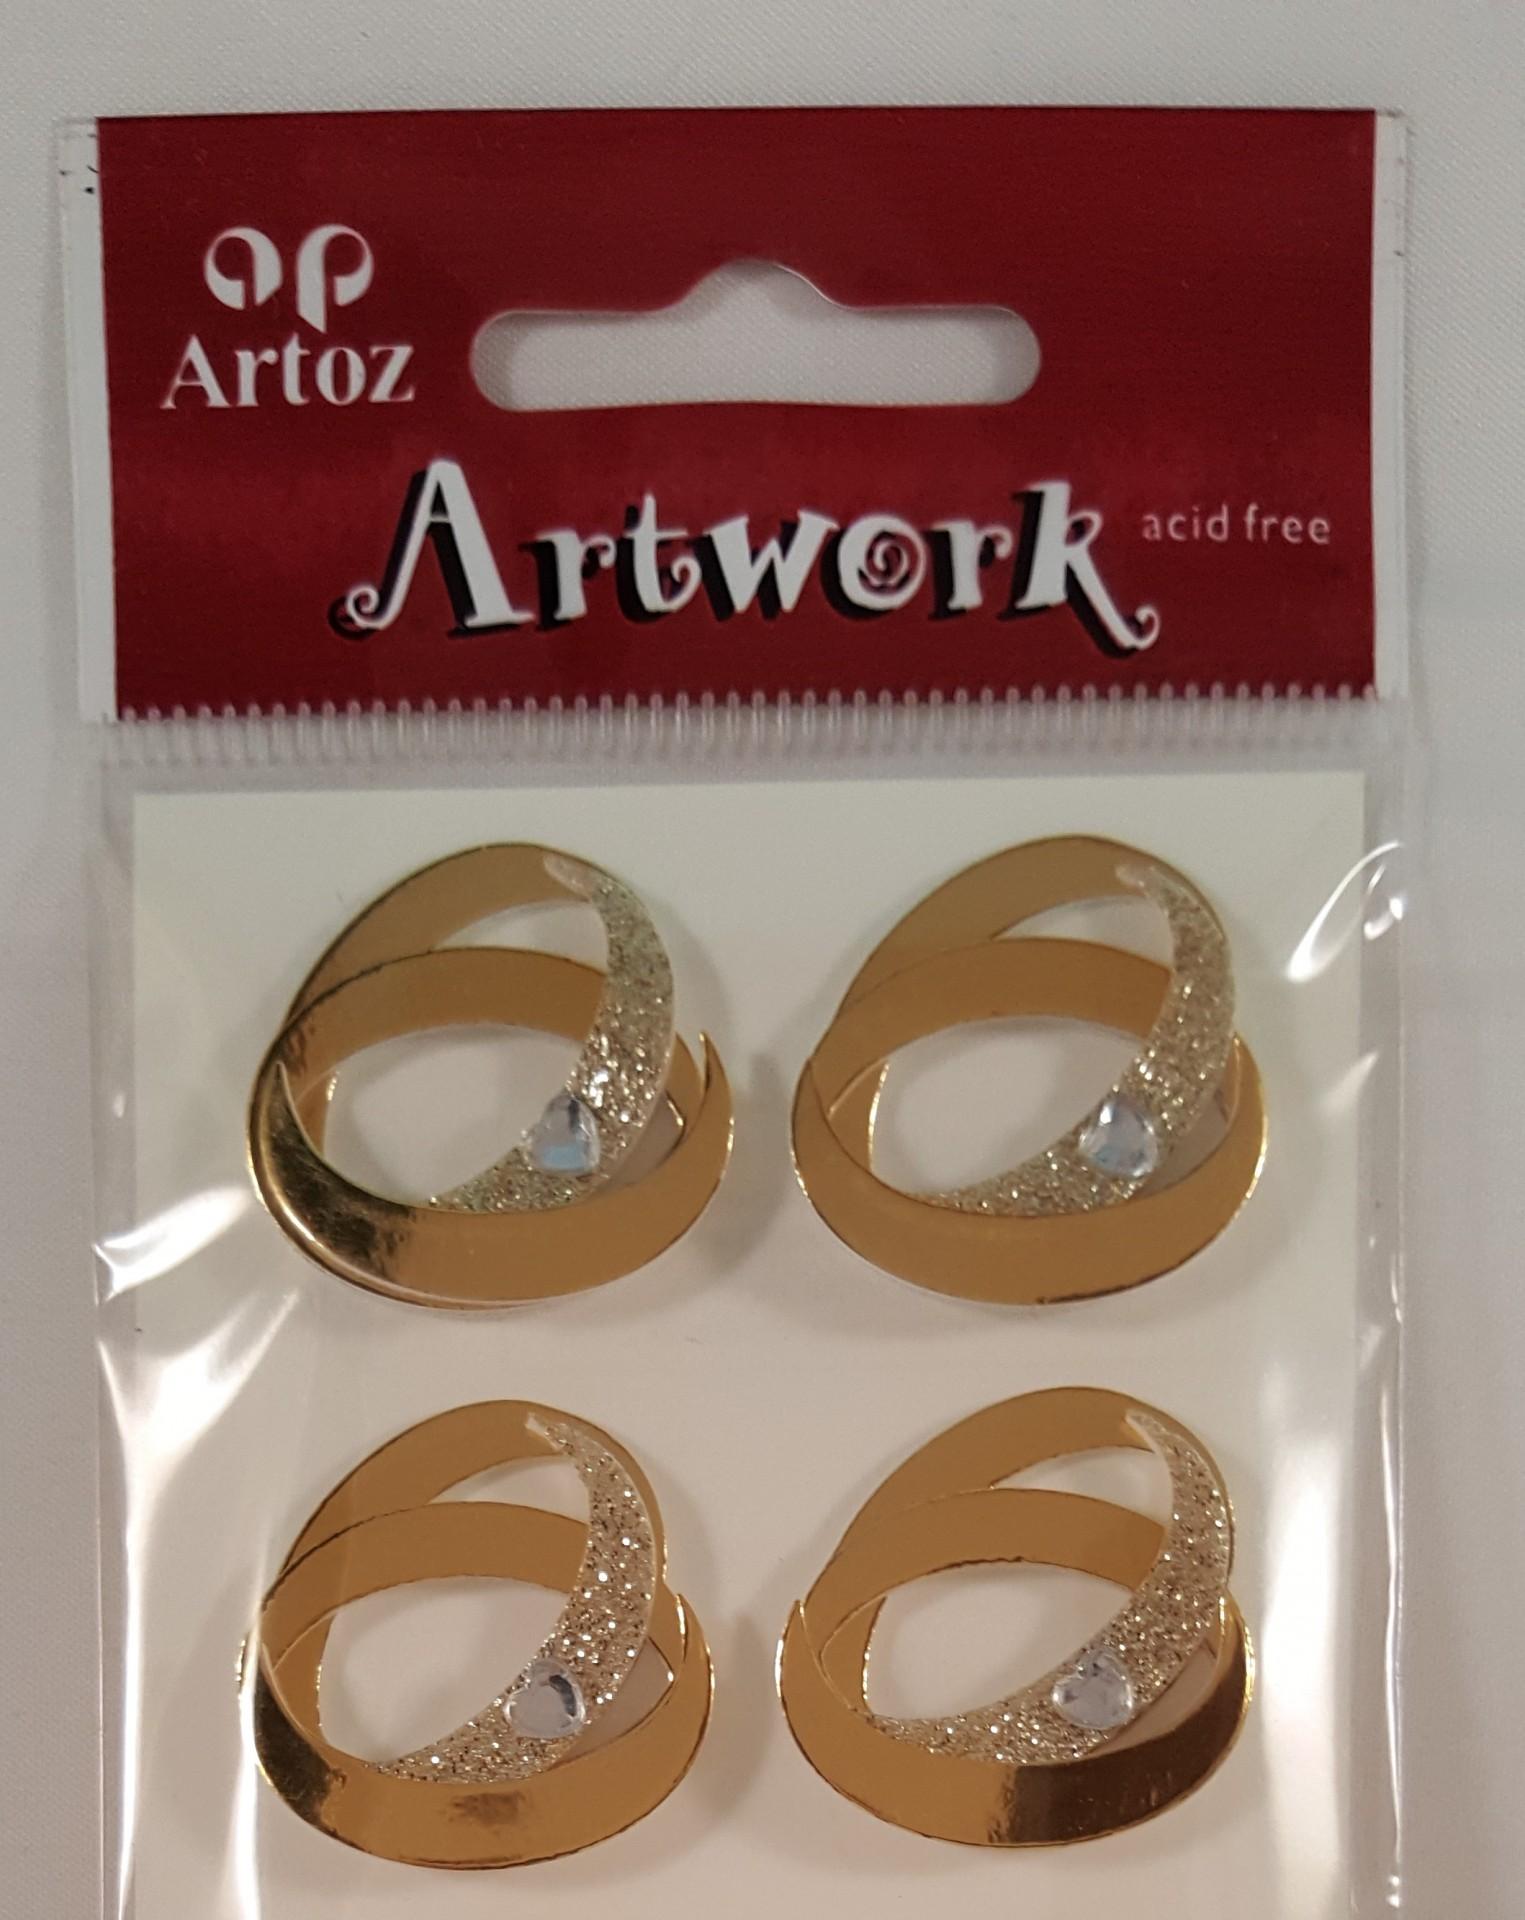 Aplicações scrapbooking - casamento alianças ouro  Artoz Artwork